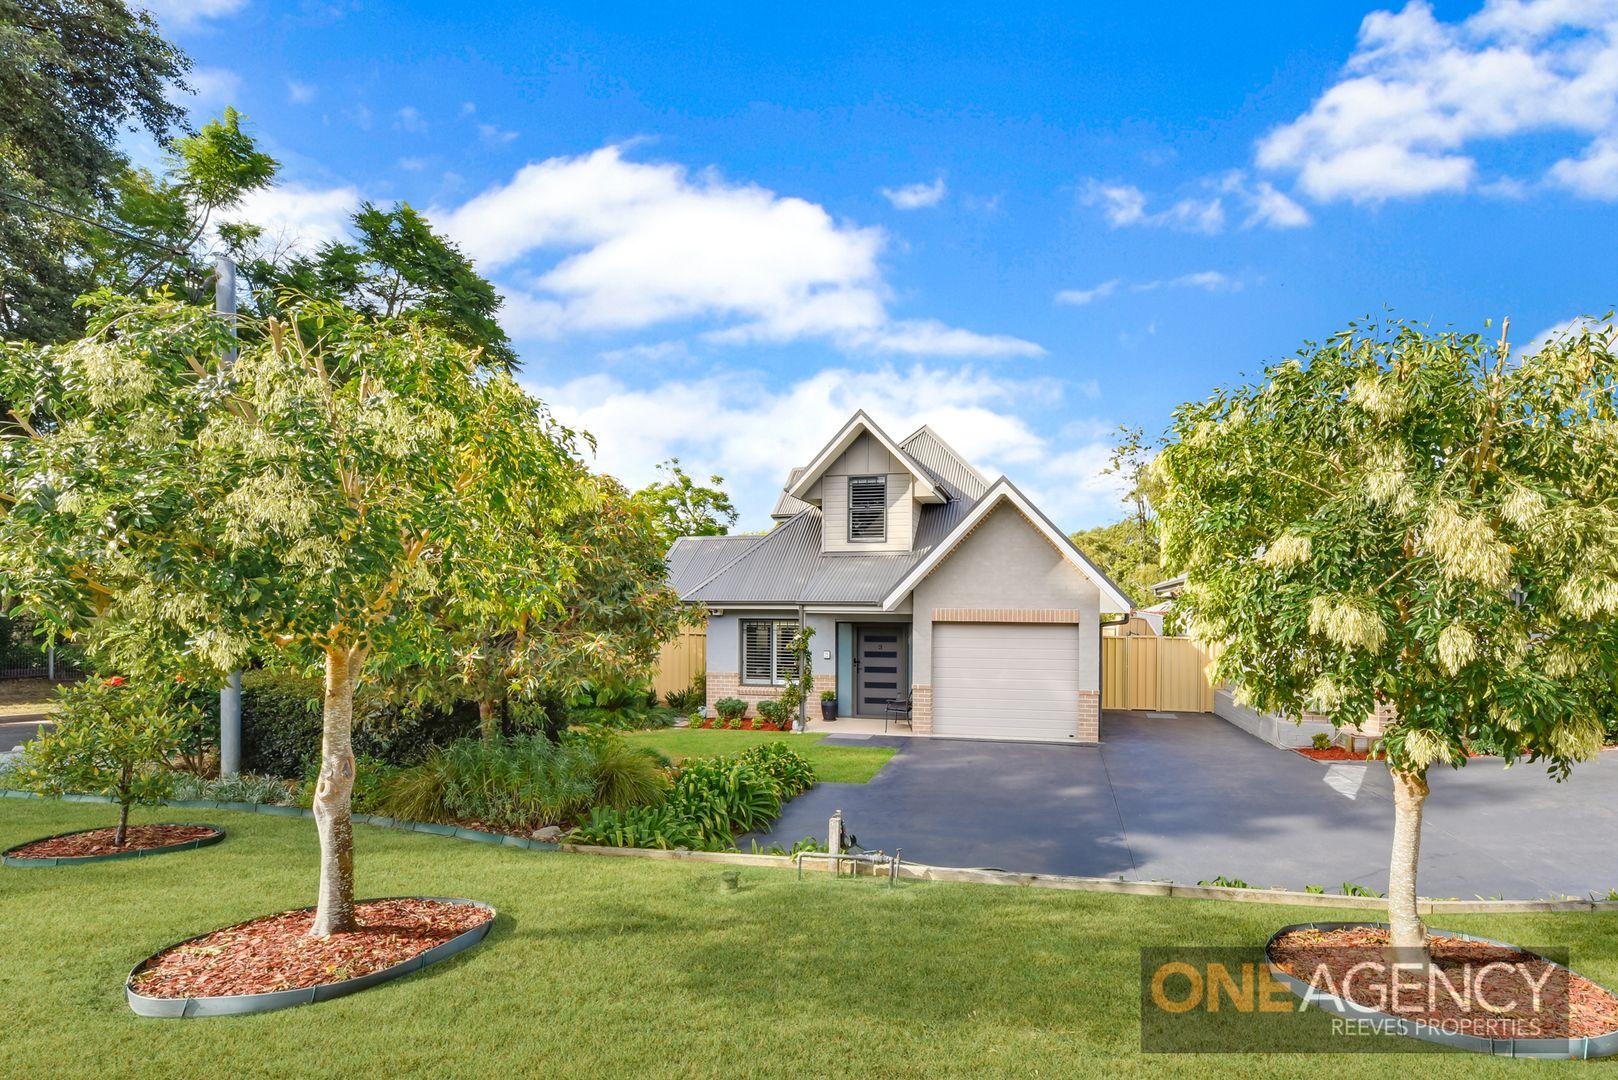 3/36 King Street, Glenbrook NSW 2773, Image 0